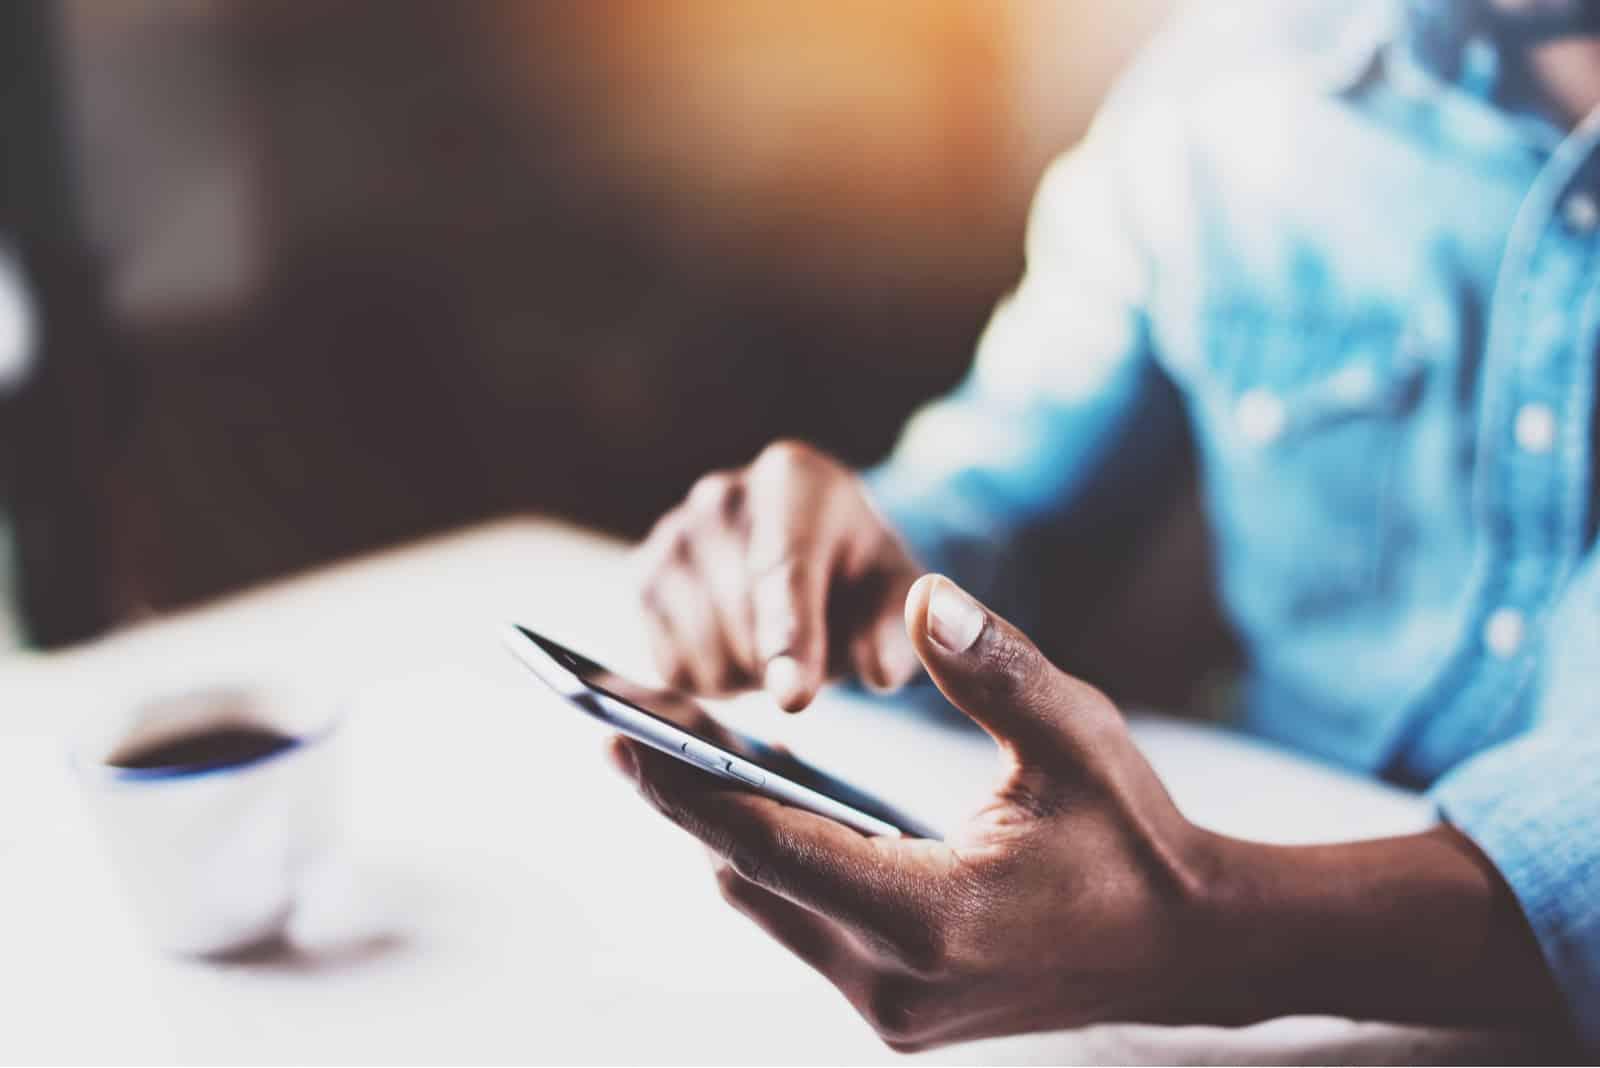 mains mâles touchant le téléphone mobile